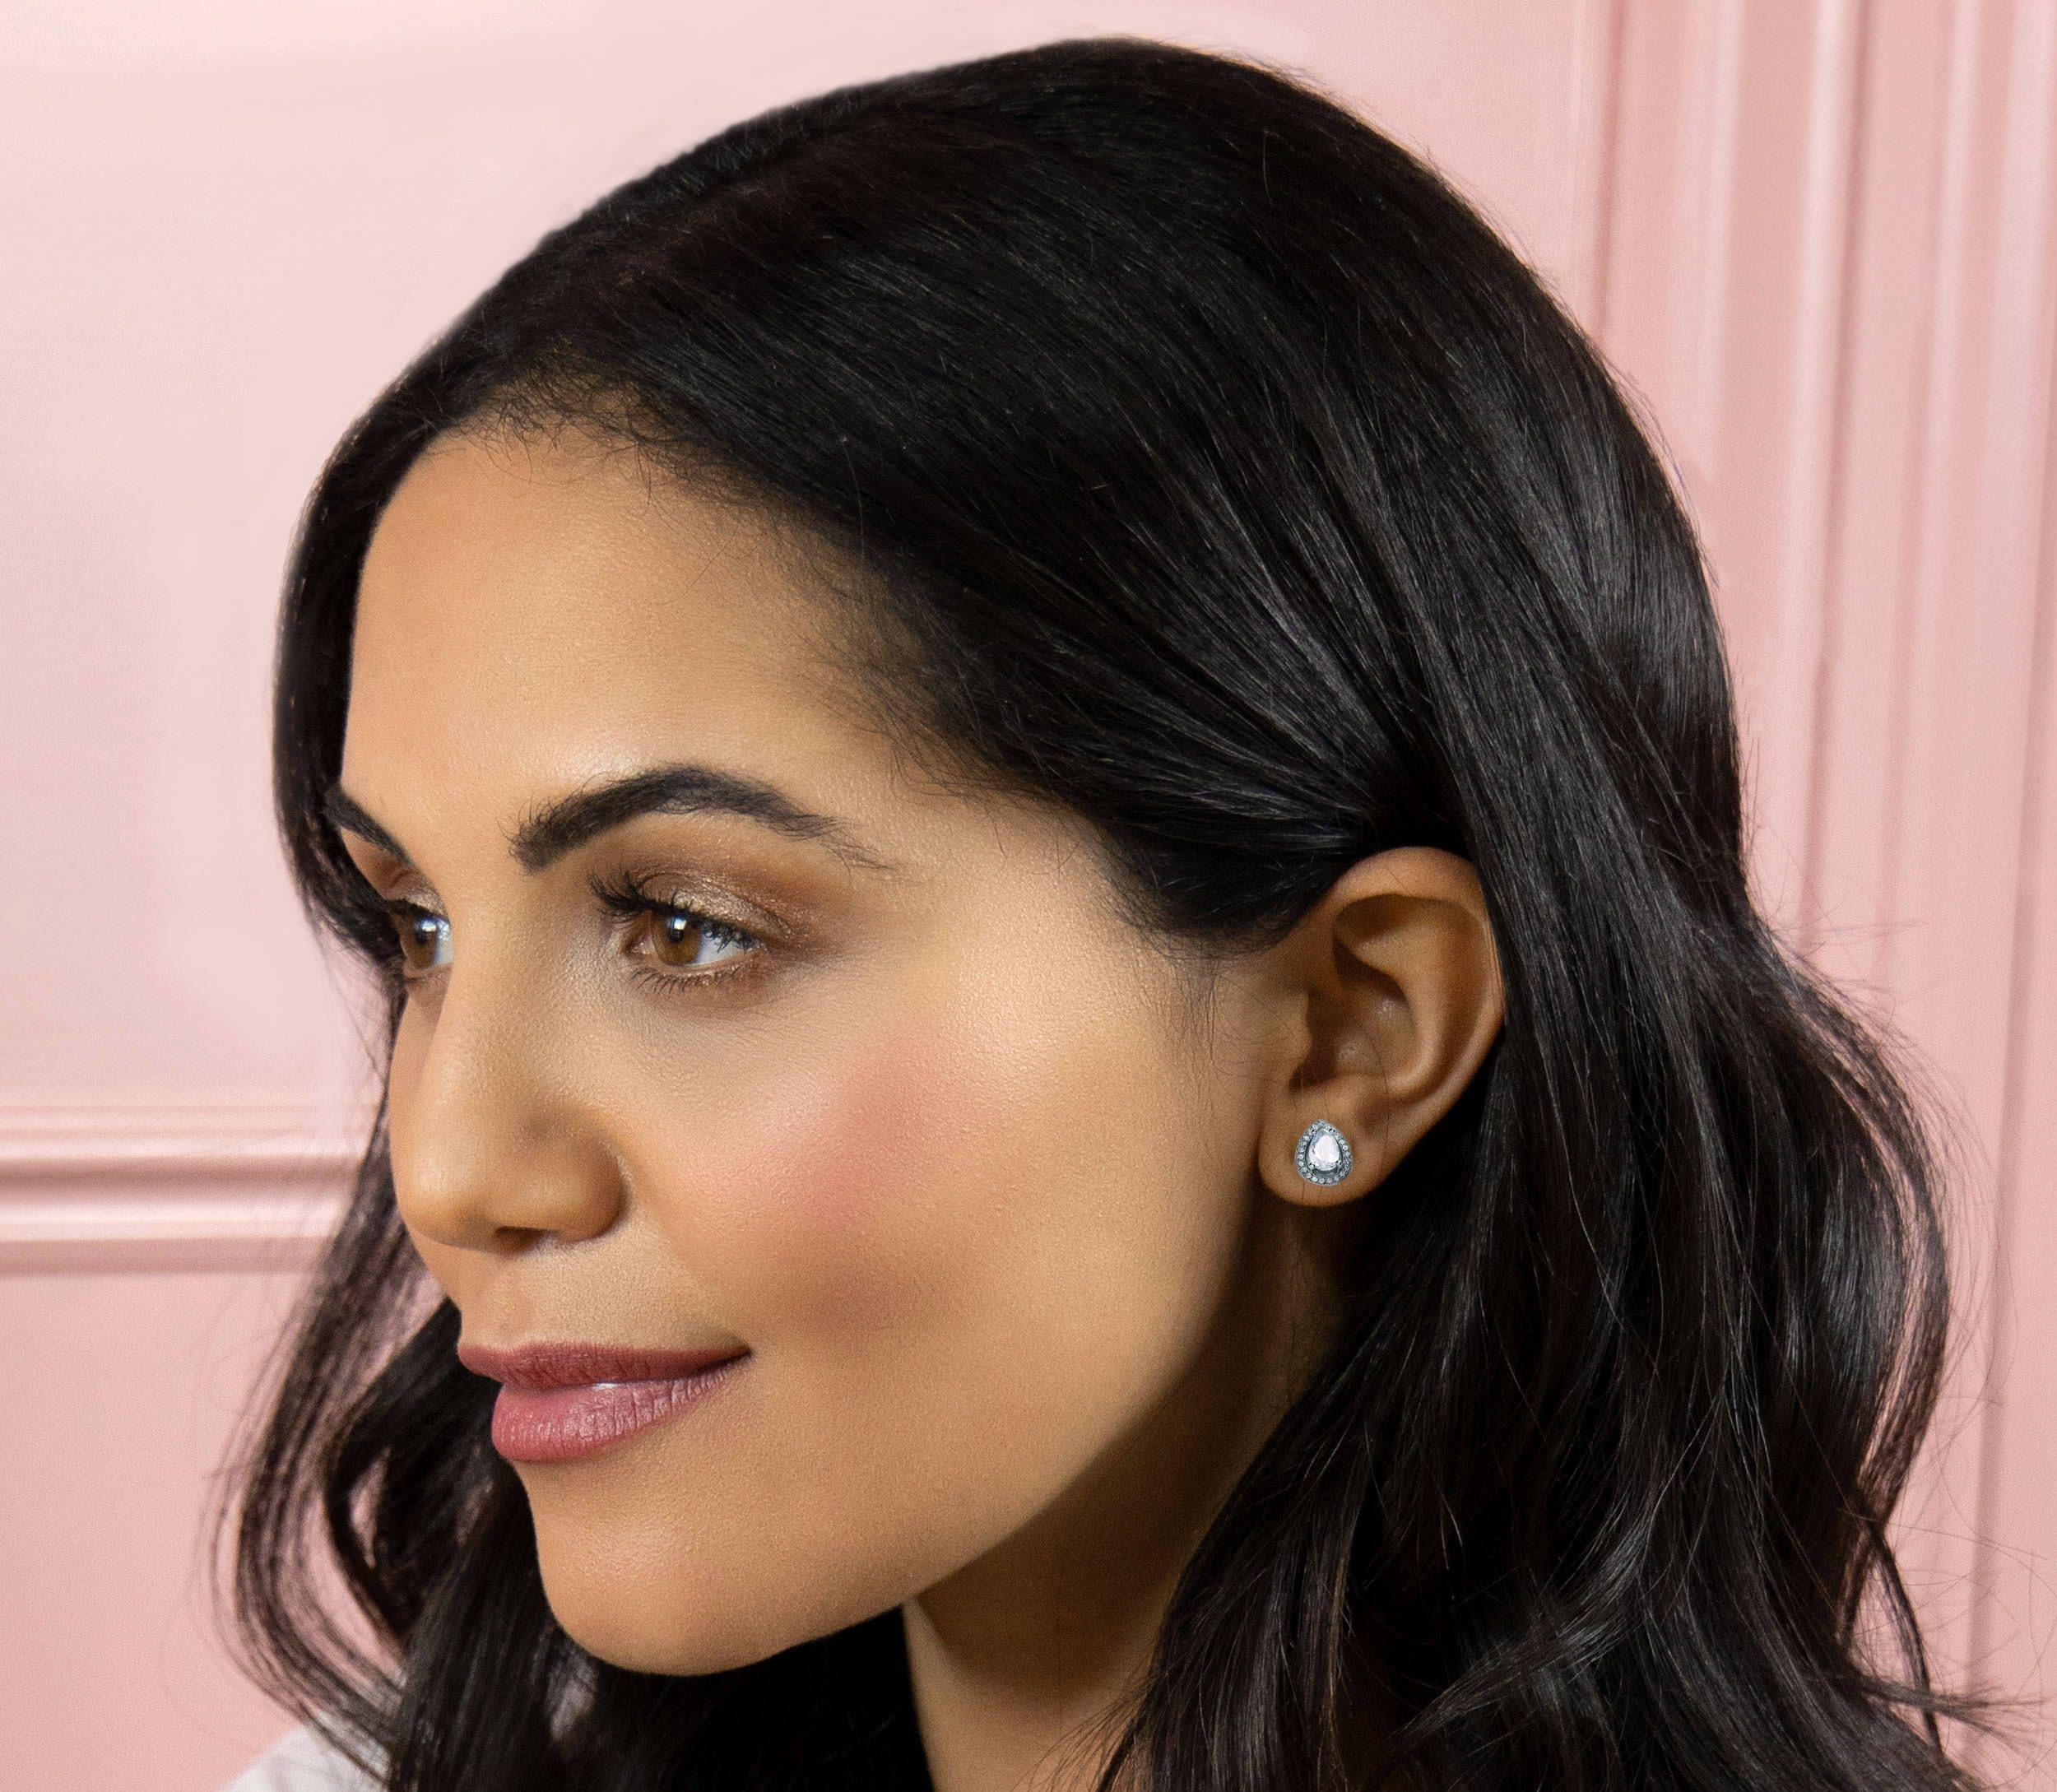 Buckley London Pear Cut Stud Earrings